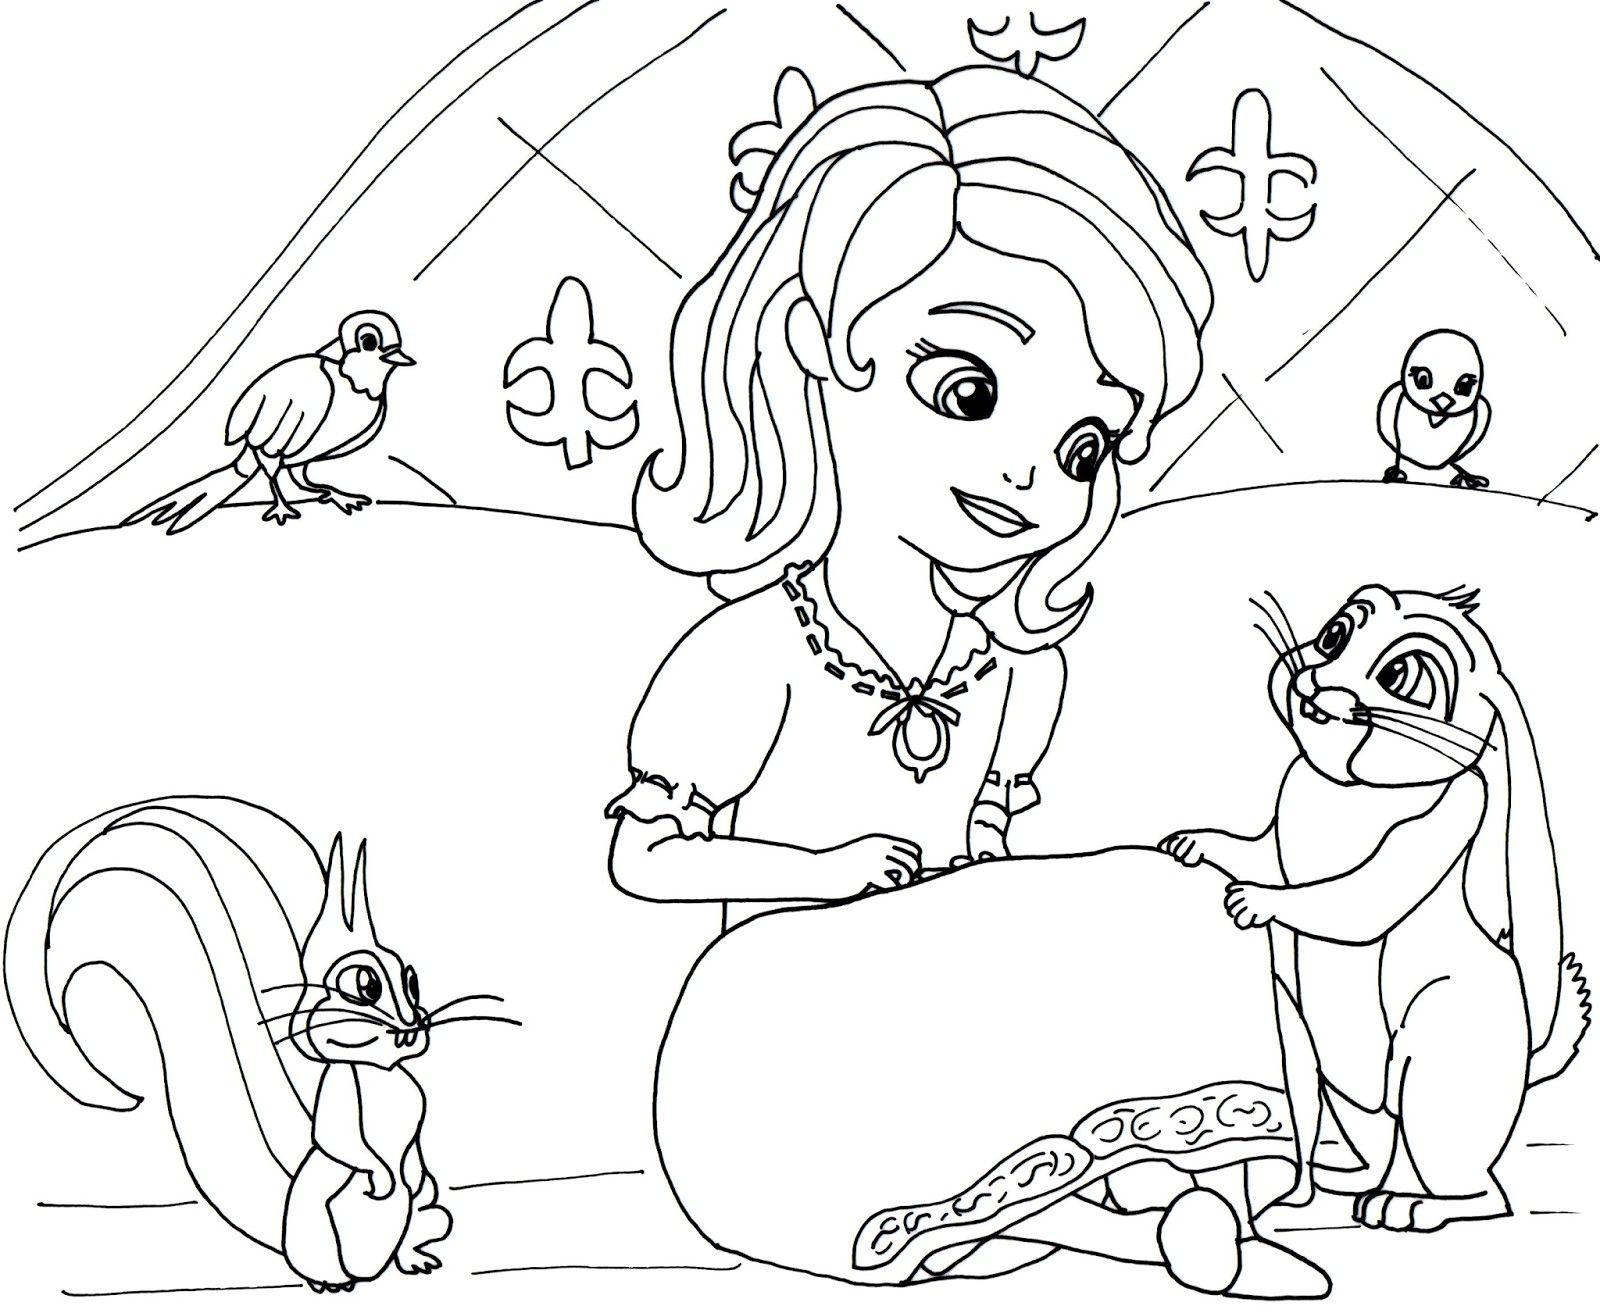 Die Besten Von Ausmalbilder Prinzessin Sofia Ideen Of Ausmalbild